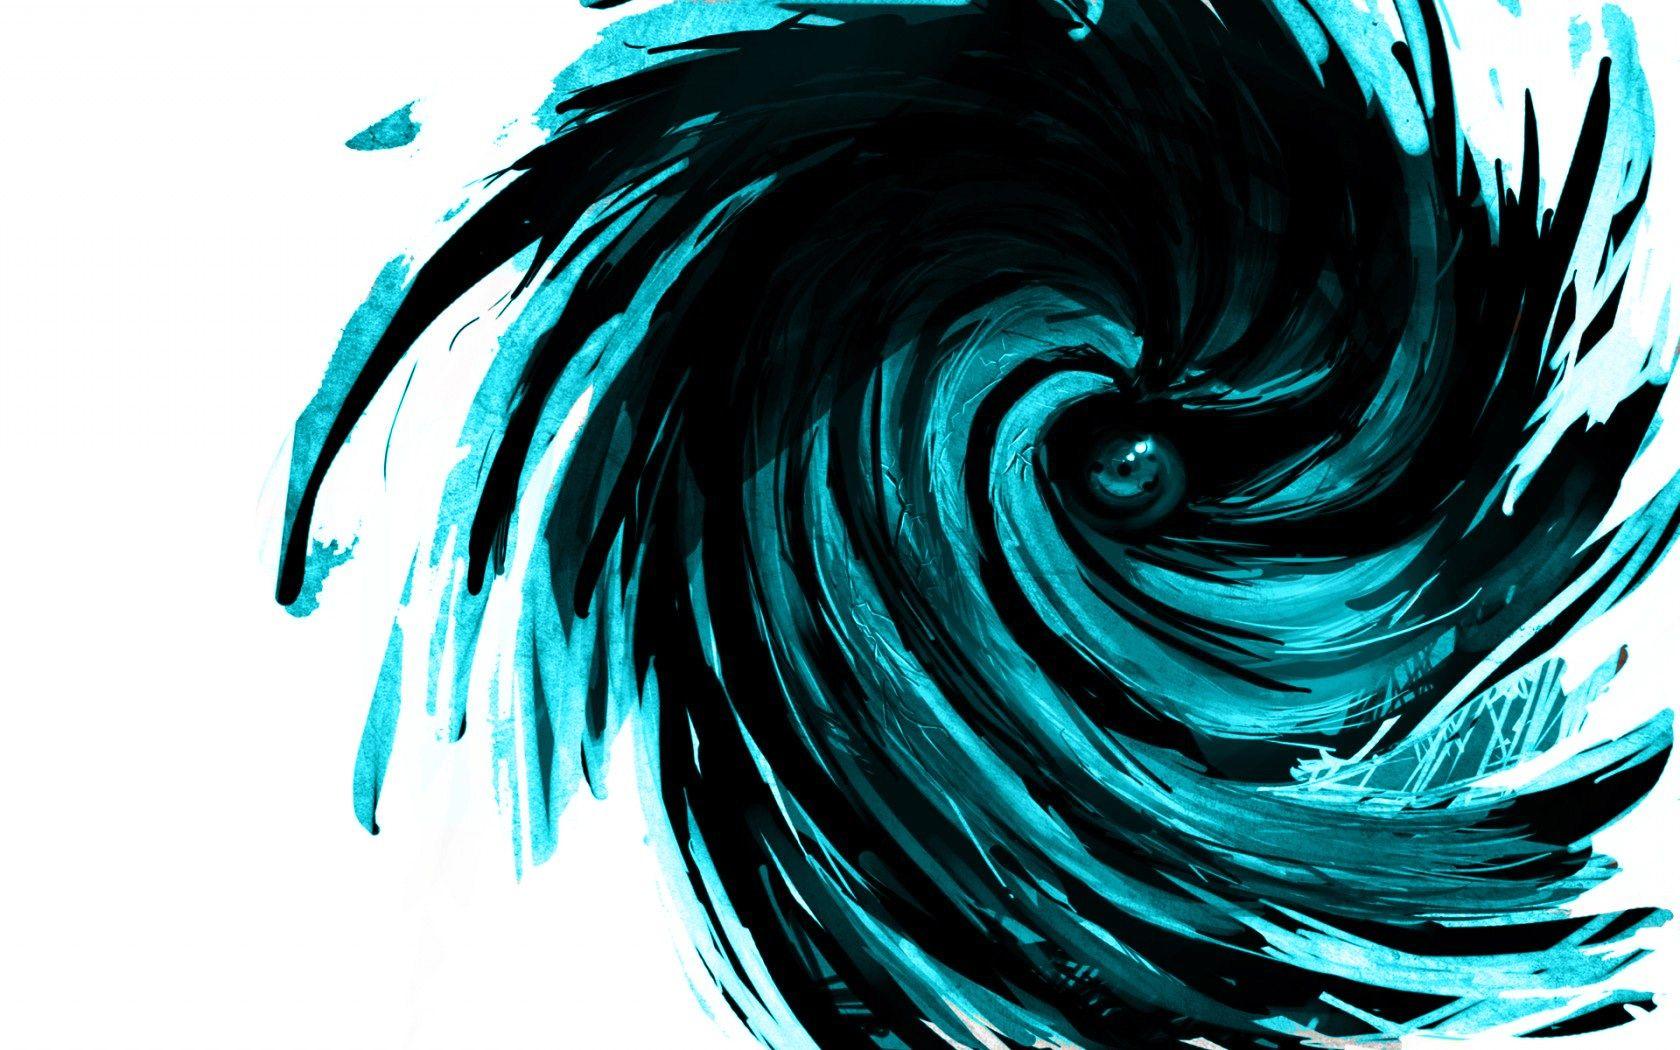 1680x1050 Cool naruto | Vortex, Black white art, Naruto ...